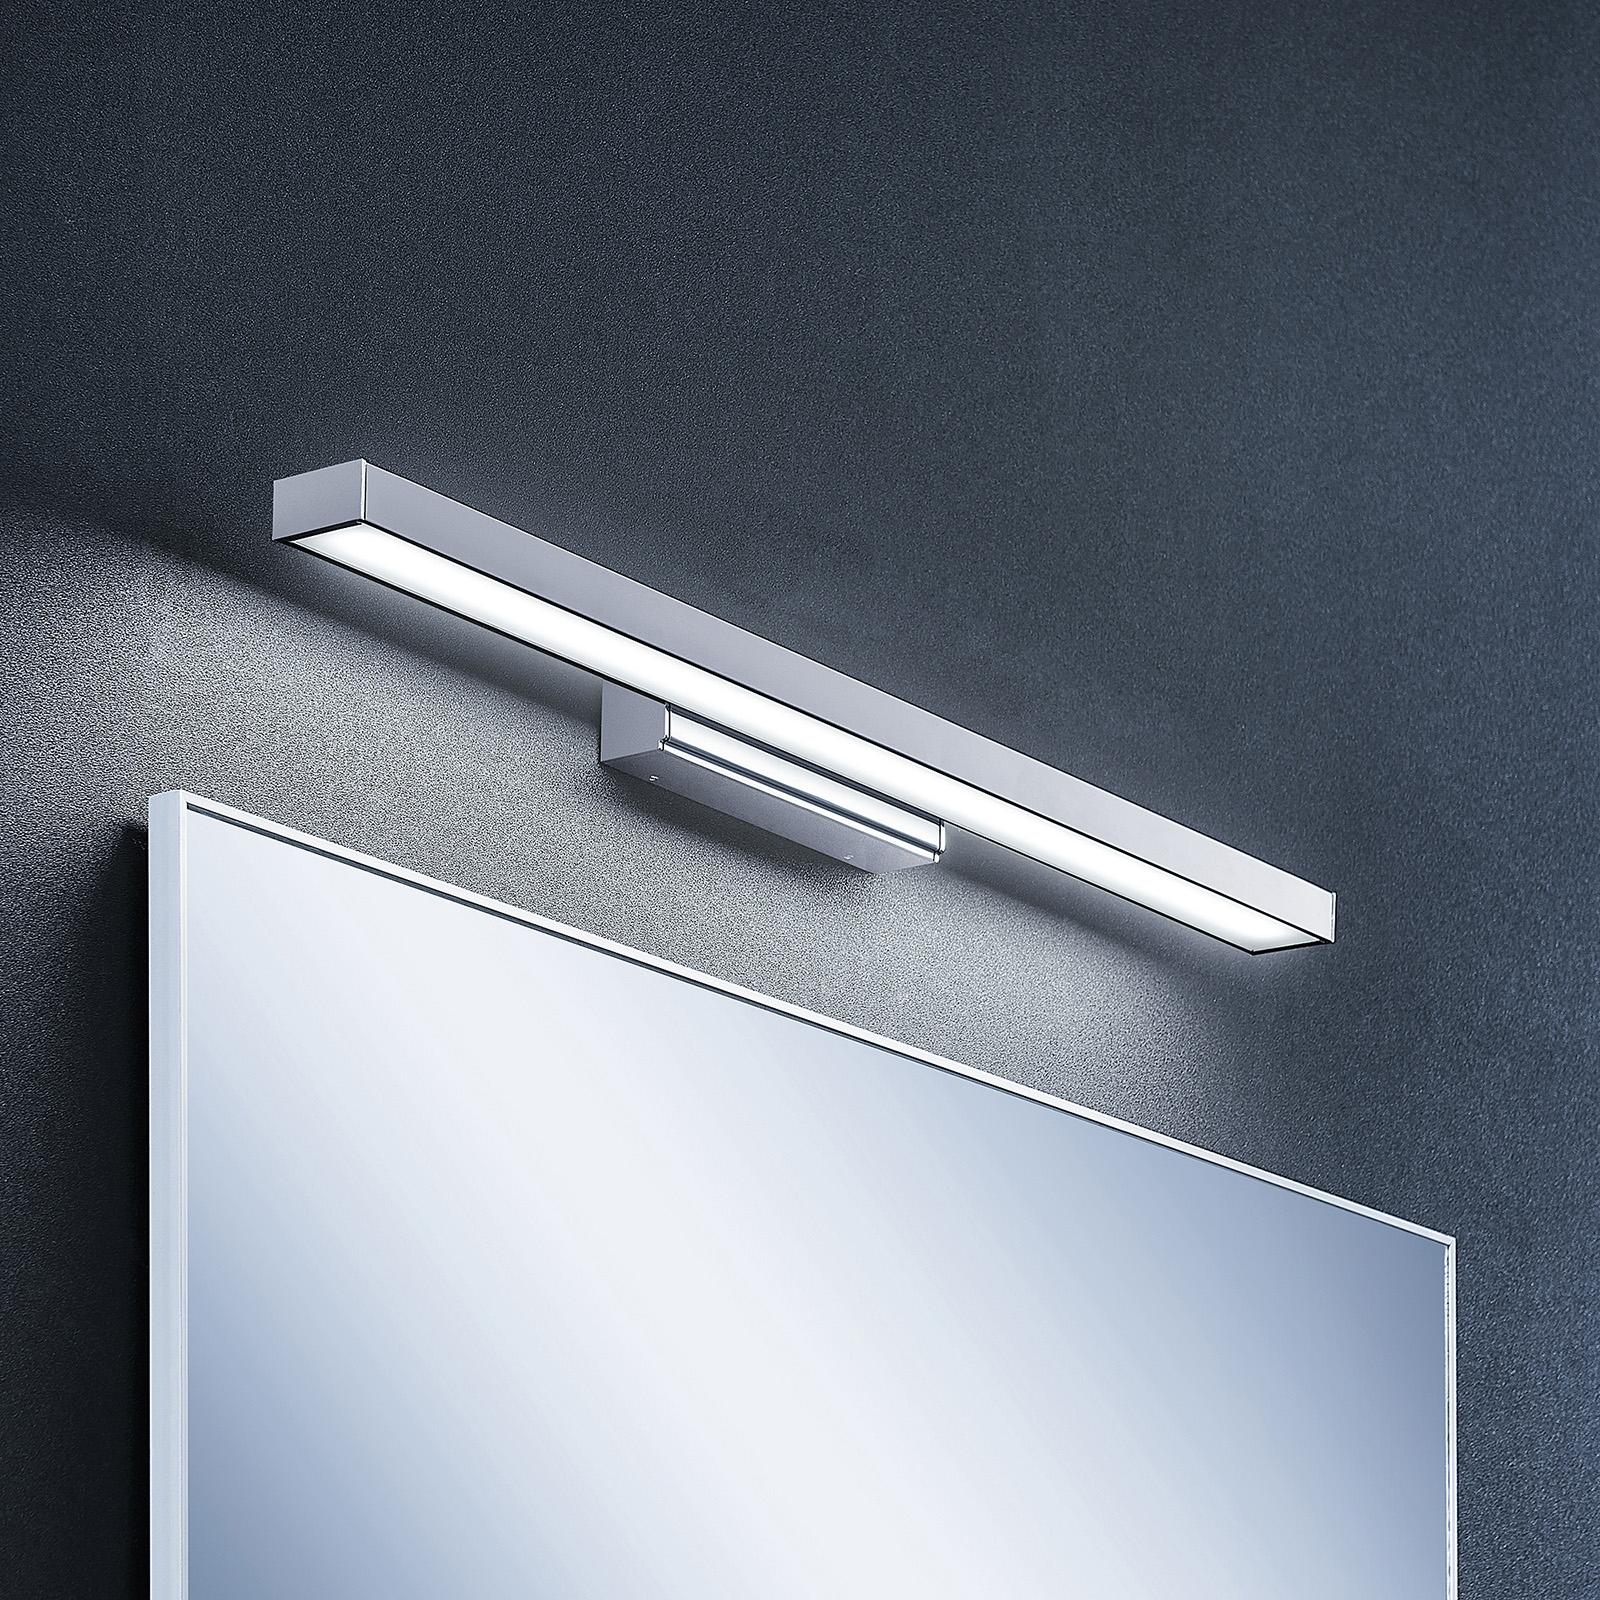 Lindby Alenia LED-Bad- und Spiegelleuchte, 60 cm